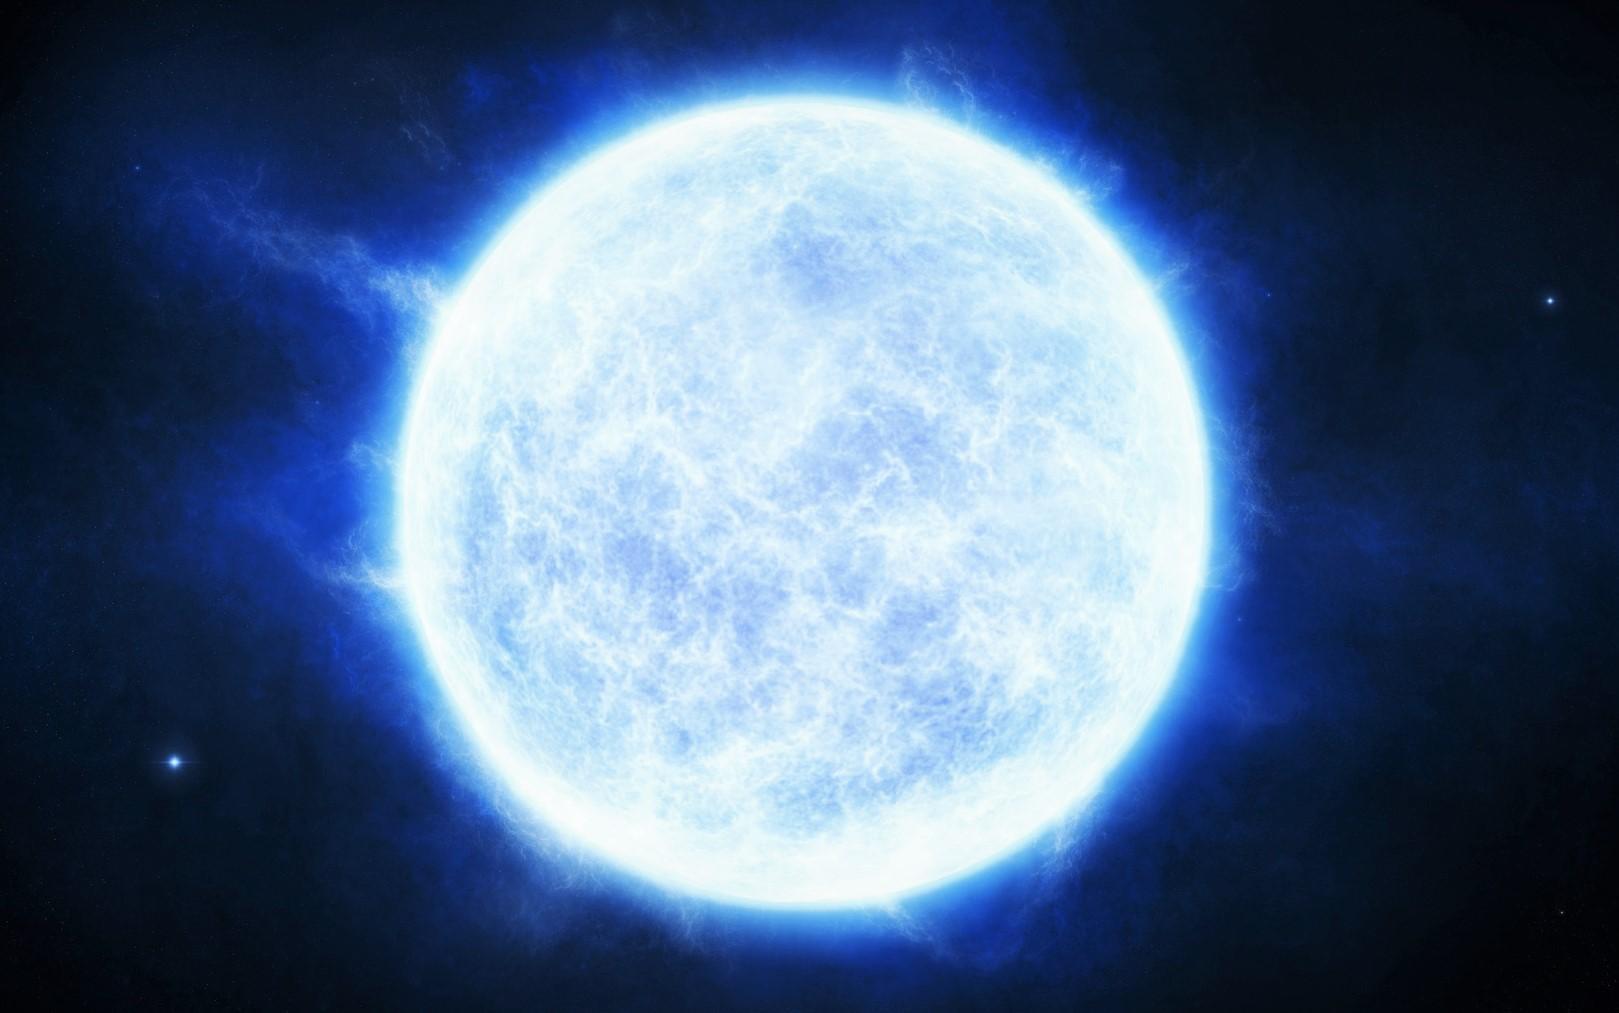 Встречаются ли звезды в межгалактическом пространстве?